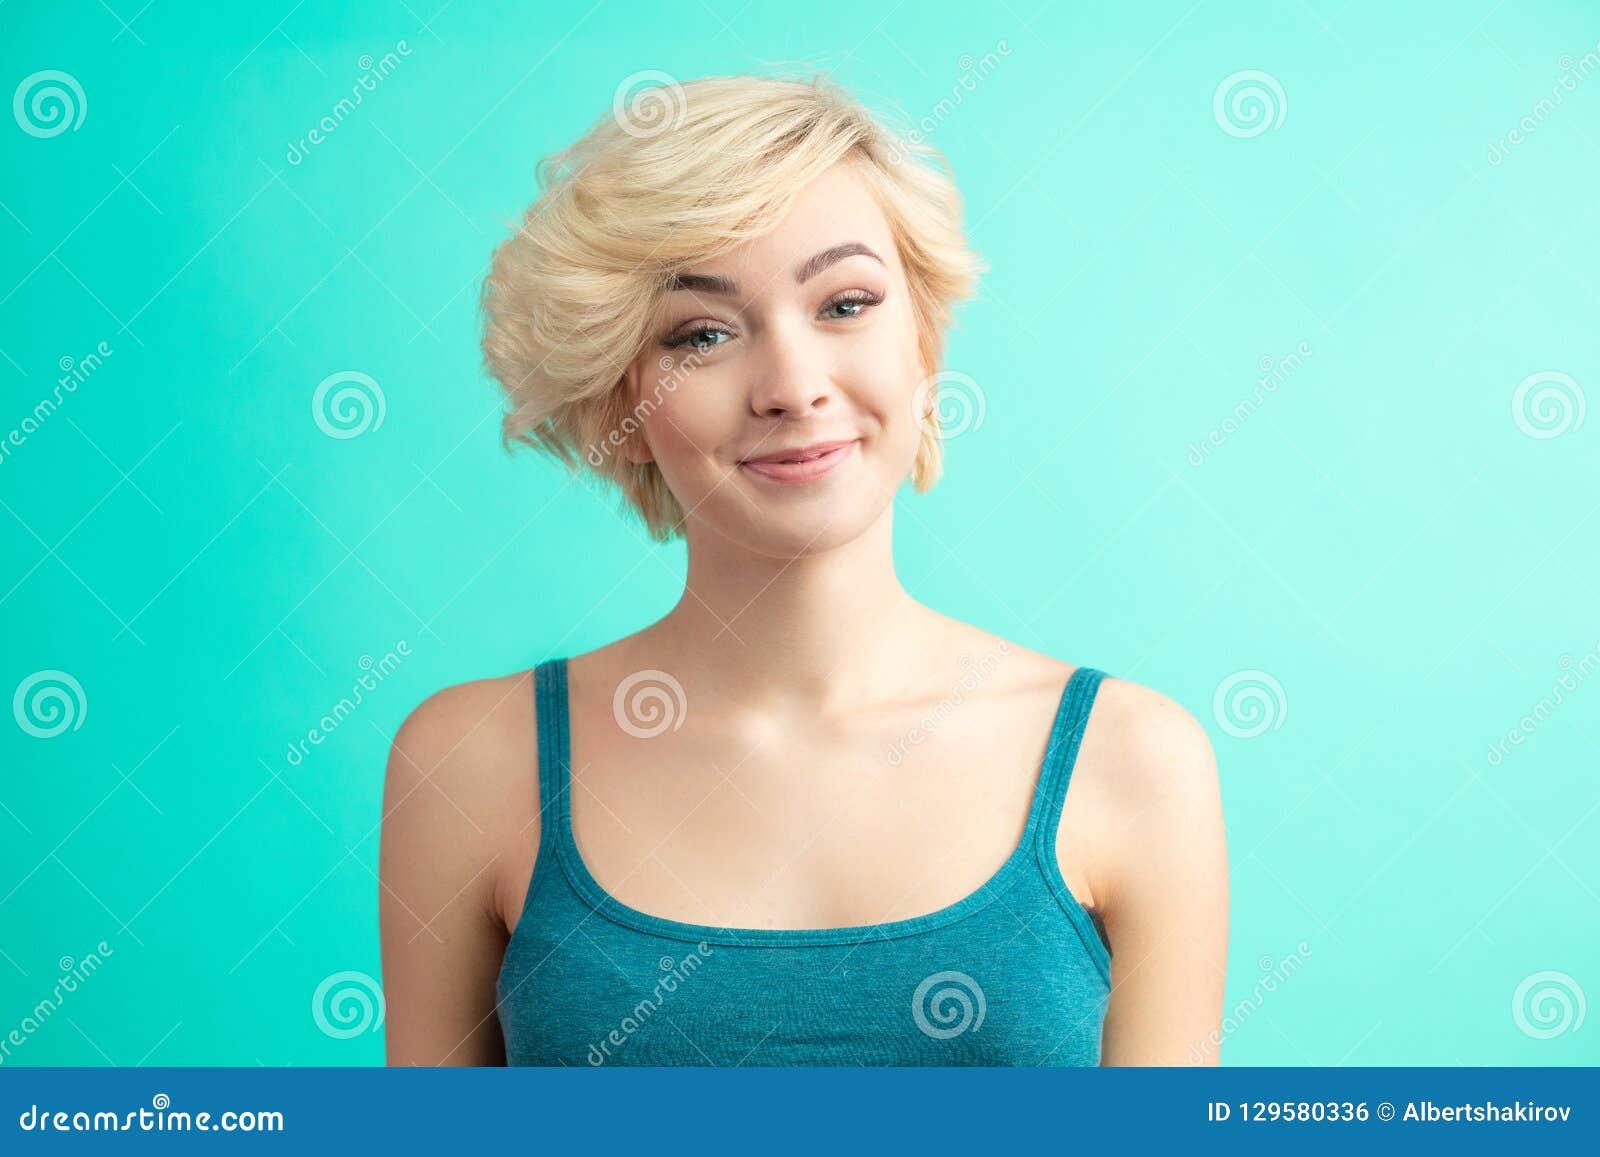 Coupe De Cheveux De Mode Coiffure Femme Avec La Coiffure Blonde Courte Photo Stock Image Du Blonde Coiffure 129580336